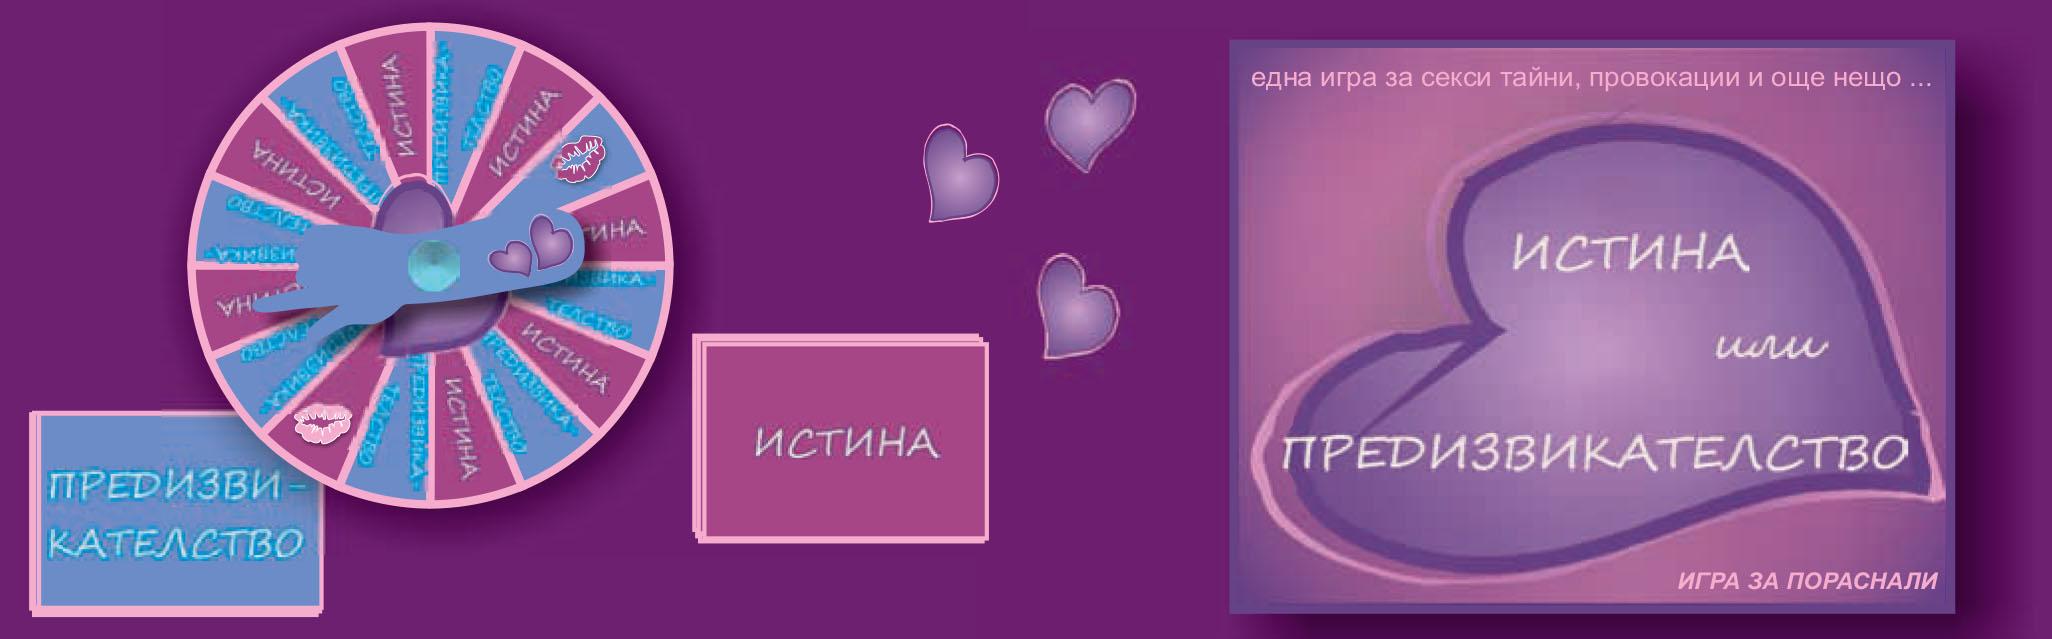 подарък за свети валентин за жена